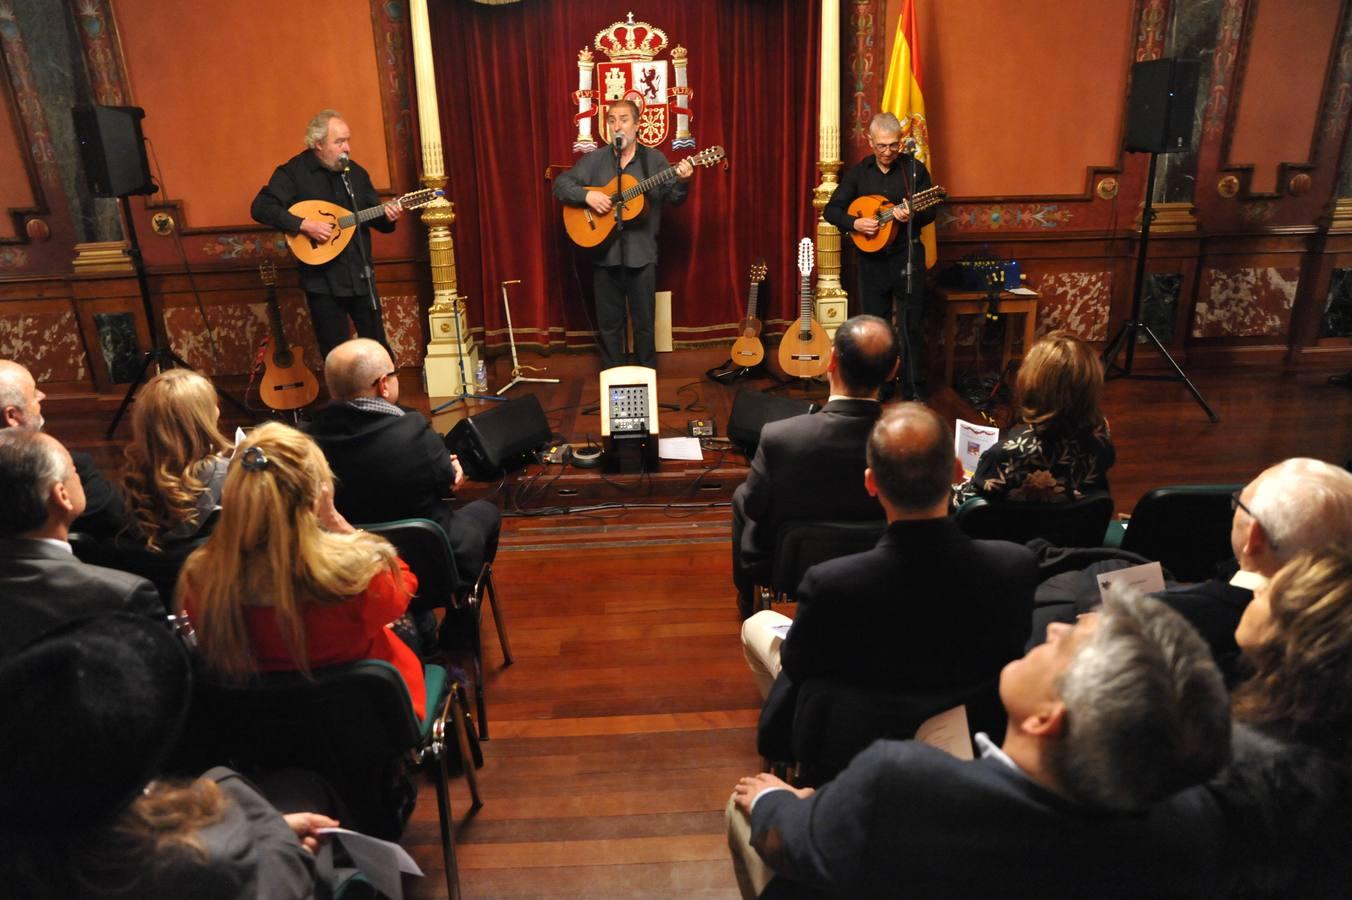 Concierto navideño en el Palacio Real de Valladolid